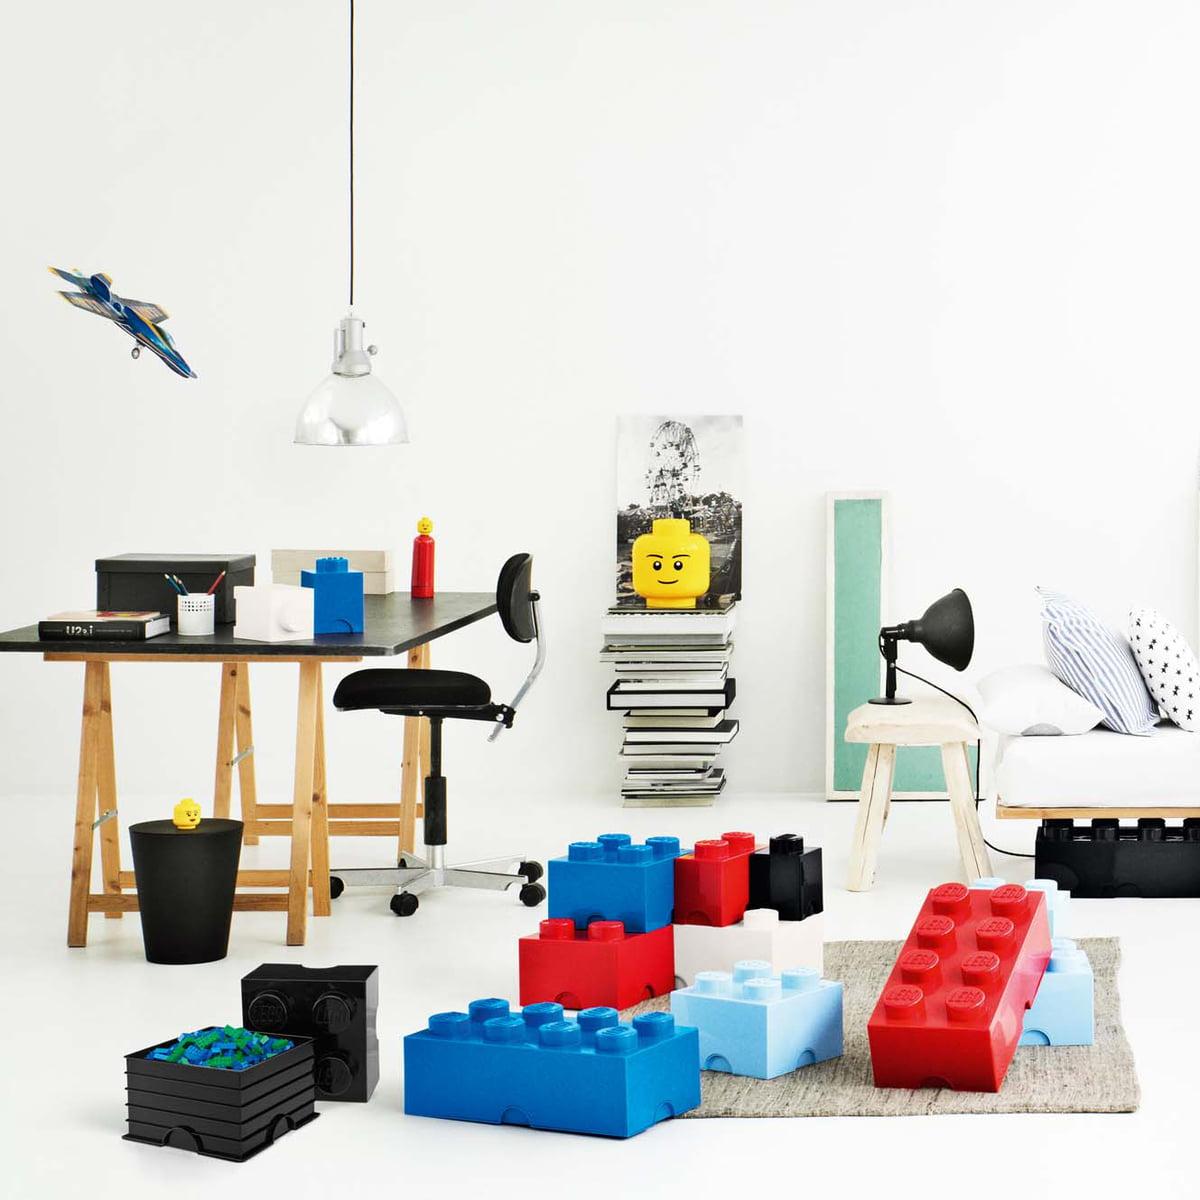 Brique De Rangement 1 De Lego | Connox pour Meuble Lego